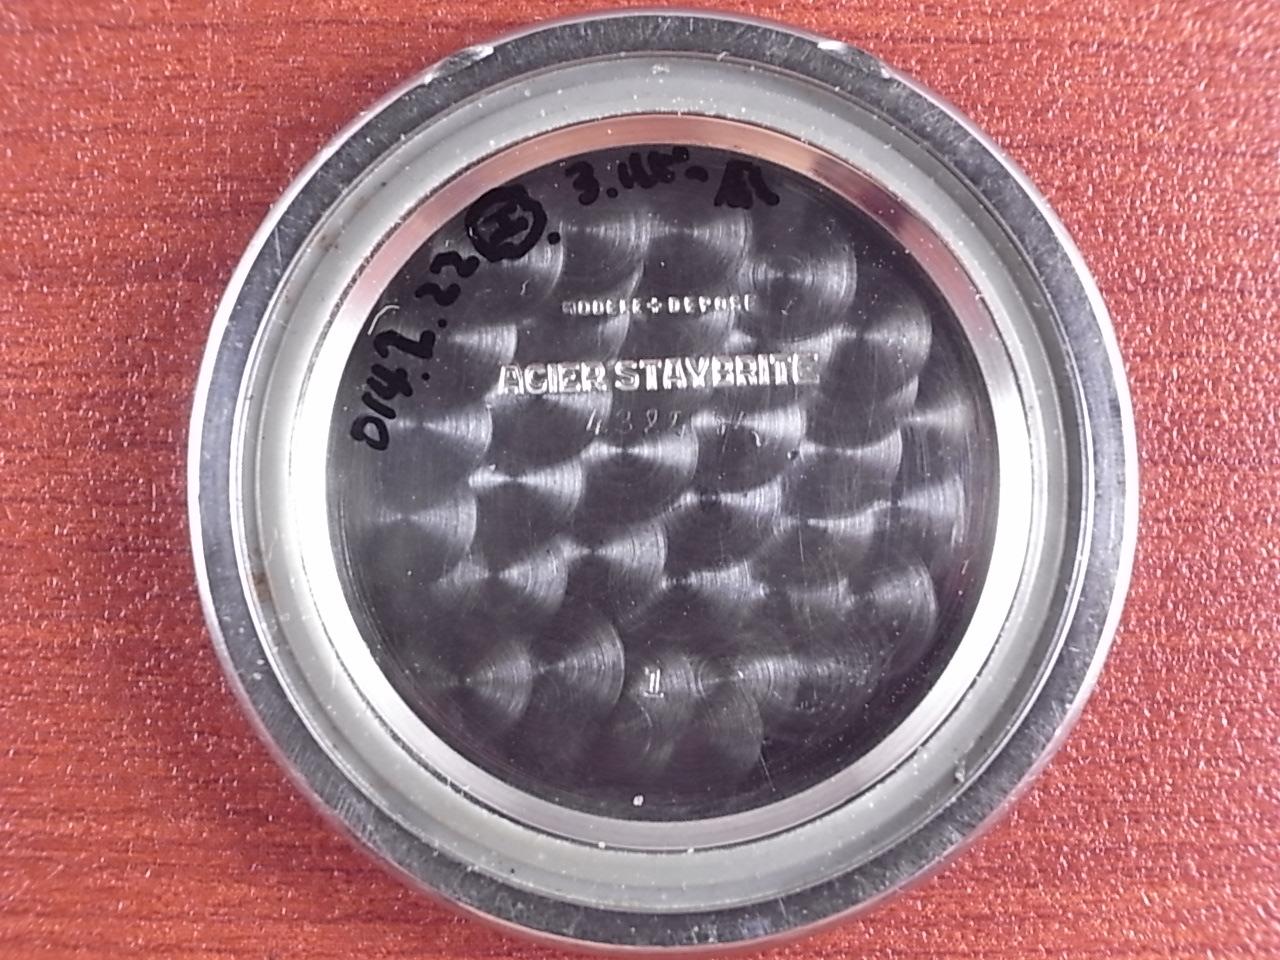 レオニダス ベビークロノグラフ バルジュー69 渦巻きタキ スナップバック防水 1940年代の写真6枚目